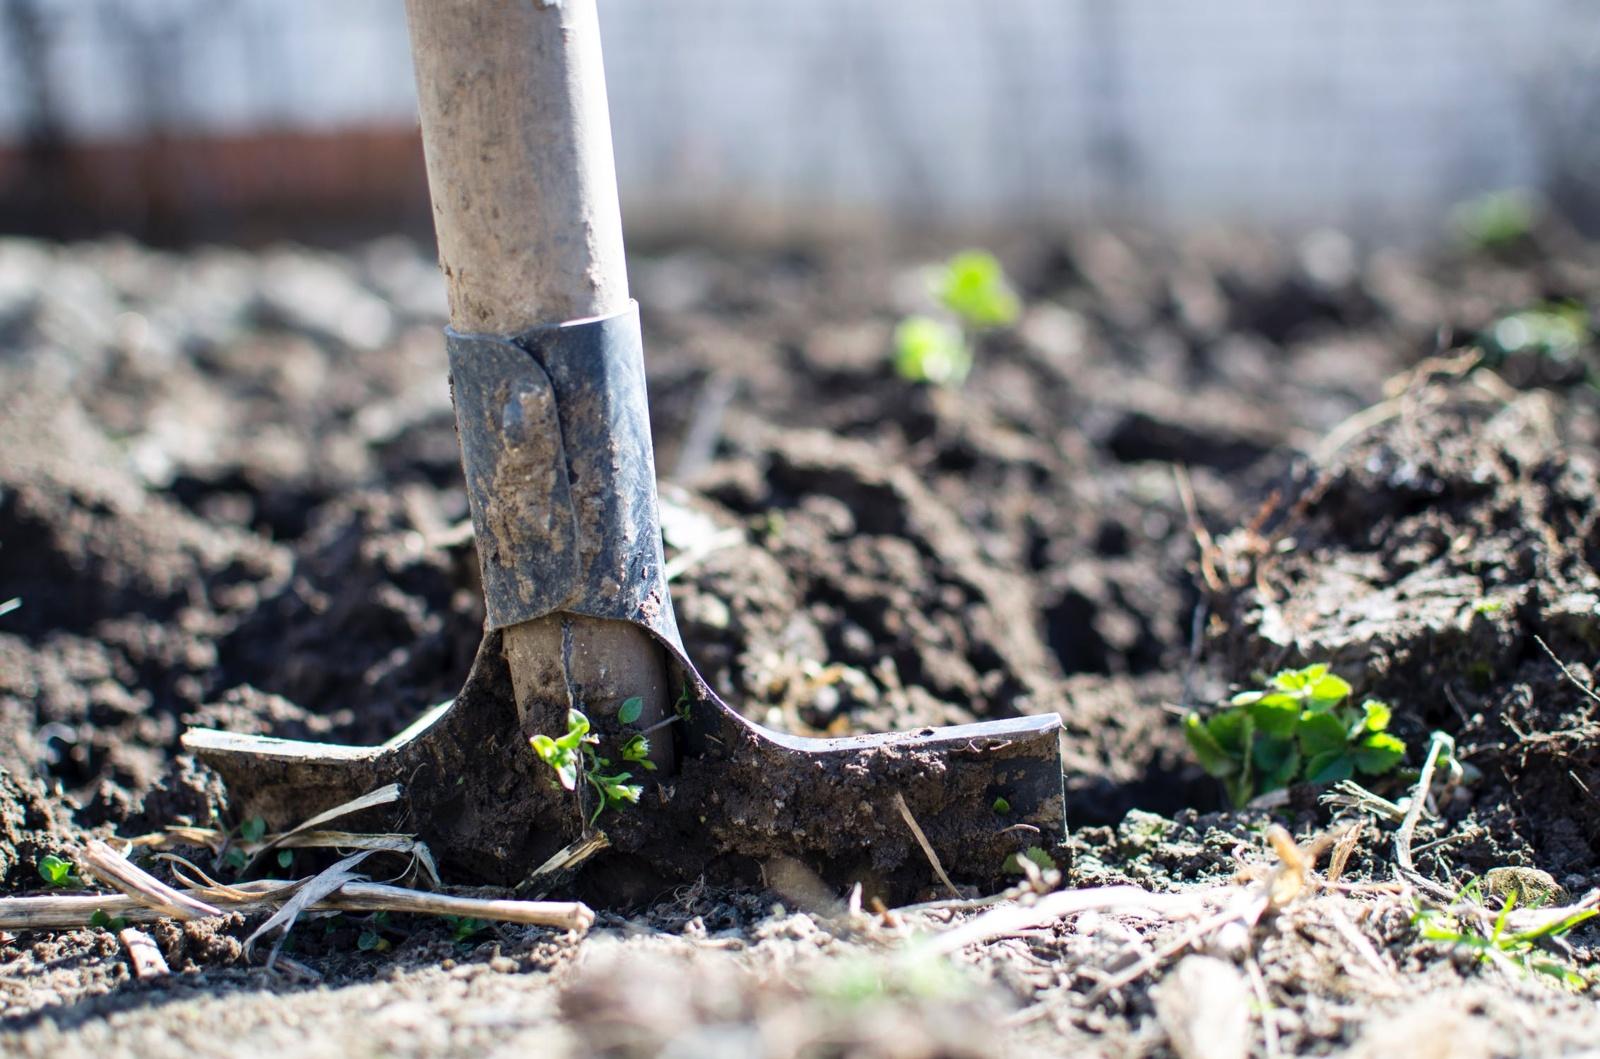 Ką kiekvienas ūkininkas turi žinoti apie paviršiaus aktyvias (PAM) medžiagas